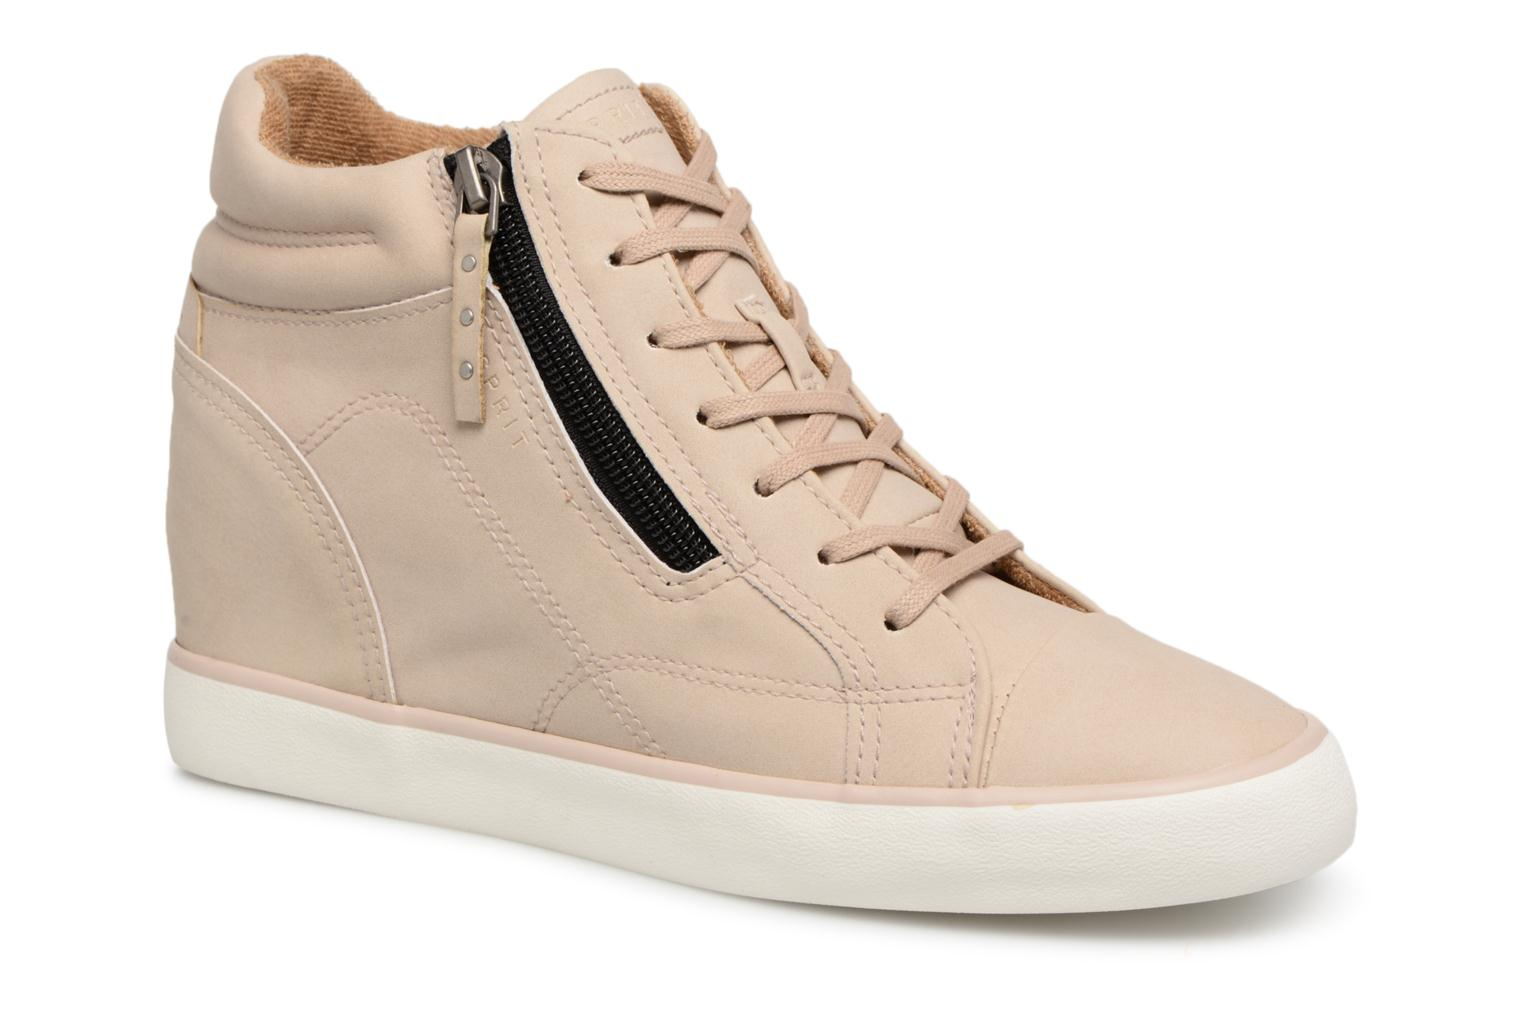 Zapatos casuales salvajes  Esprit Deportivas STAR WEDGE (Beige) - Deportivas Esprit en Más cómodo cfee72